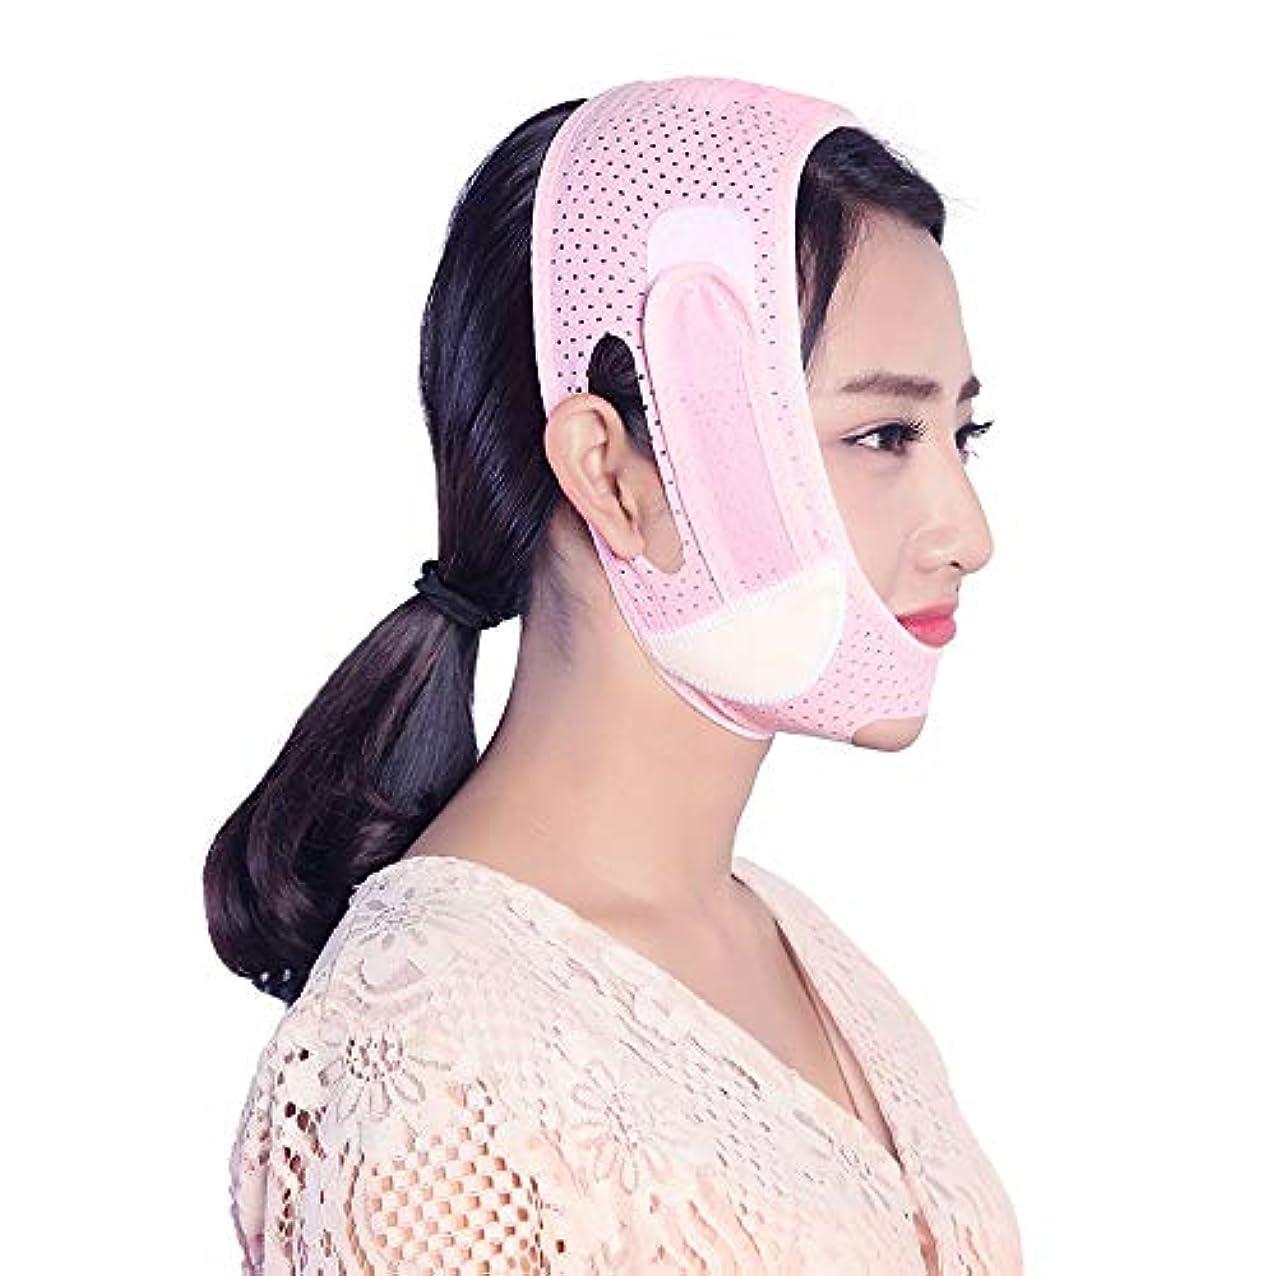 偉業器具高いMinmin 睡眠薄い顔パッチ包帯吊り上げプルv顔引き締めどころアーティファクト判決パターン二重あご薄いマッセルマスク - ピンク みんみんVラインフェイスマスク